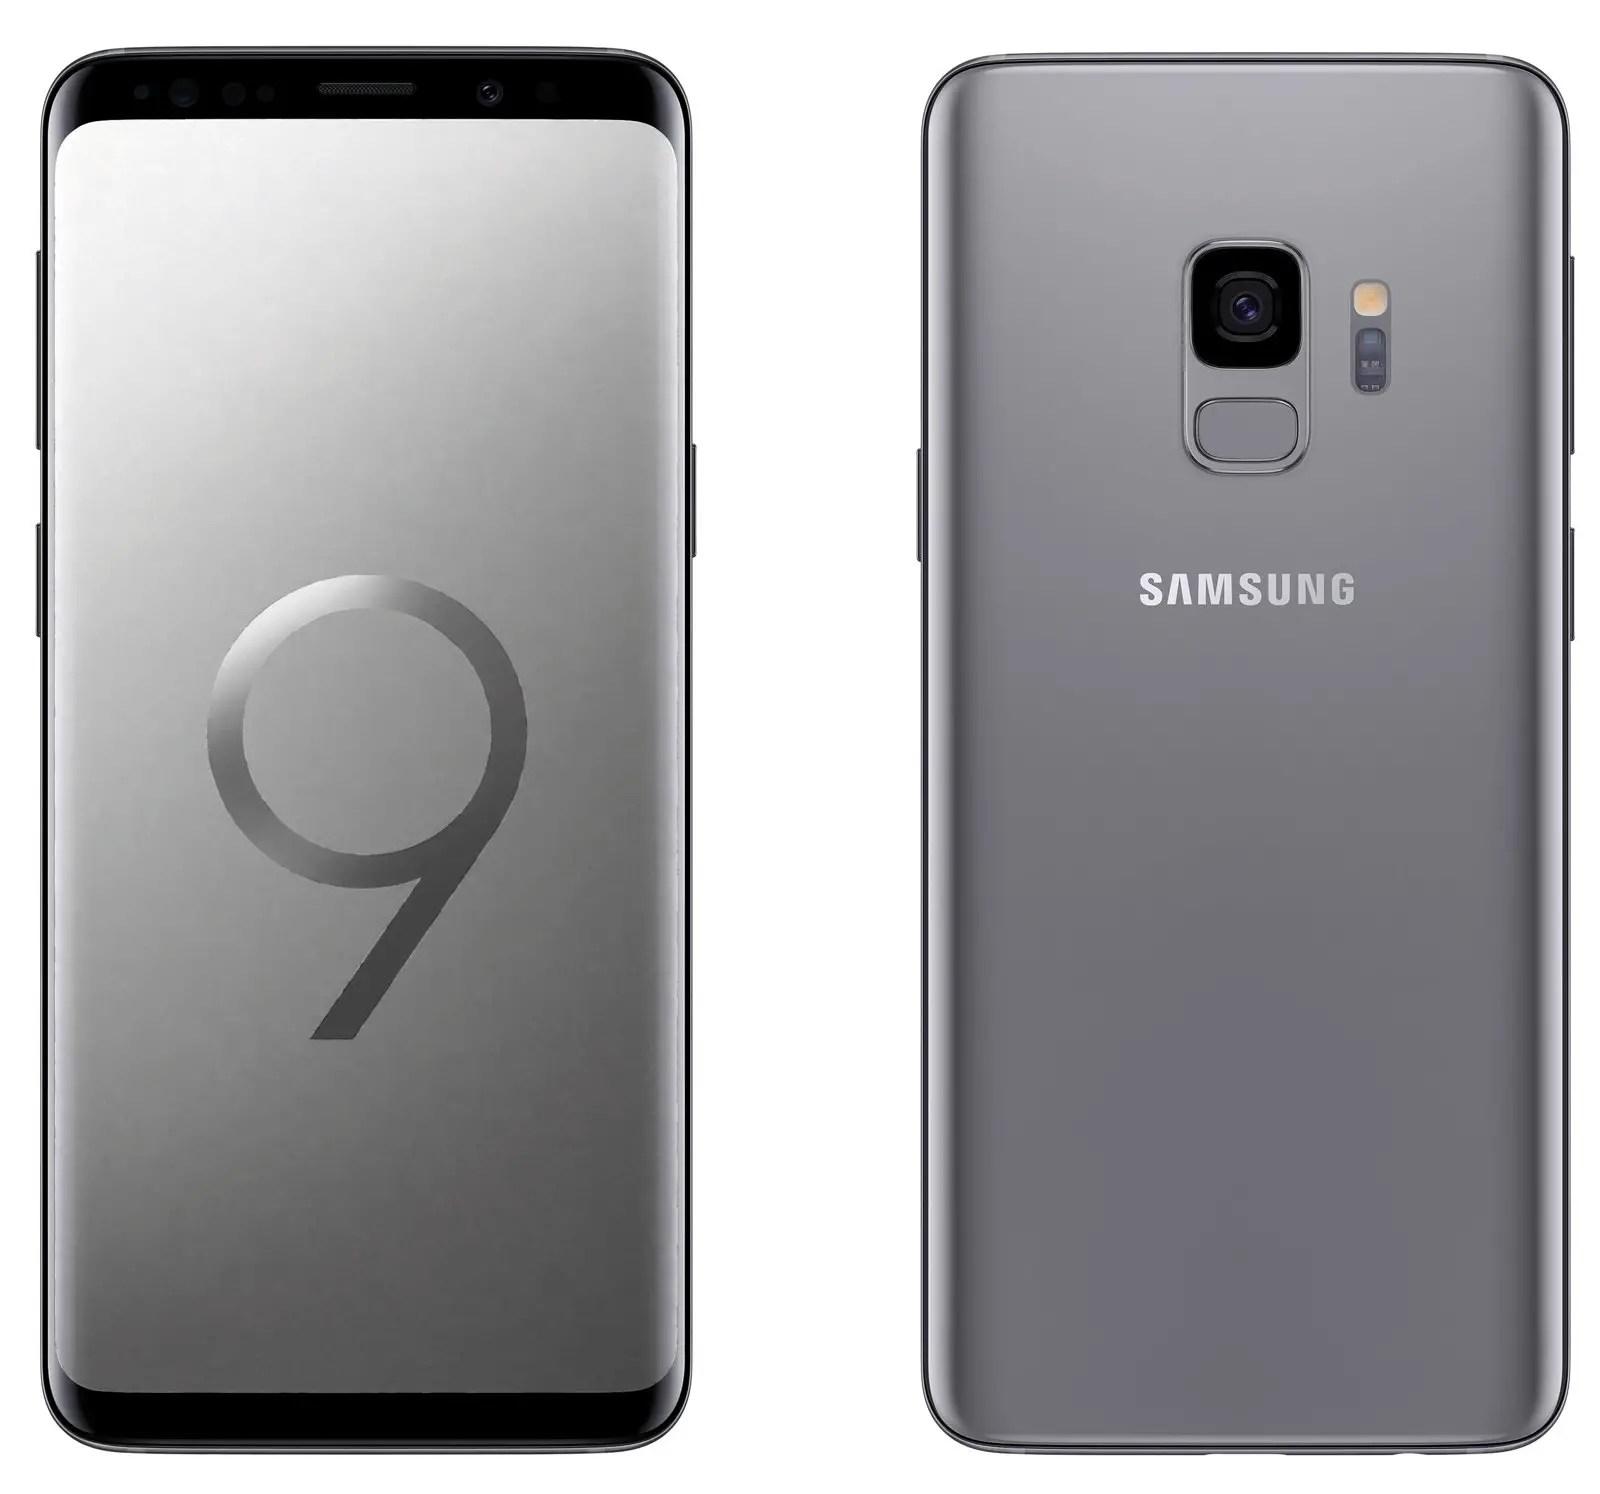 Samsung-Galaxy-S9-Titanium-Gray-Render-Leak